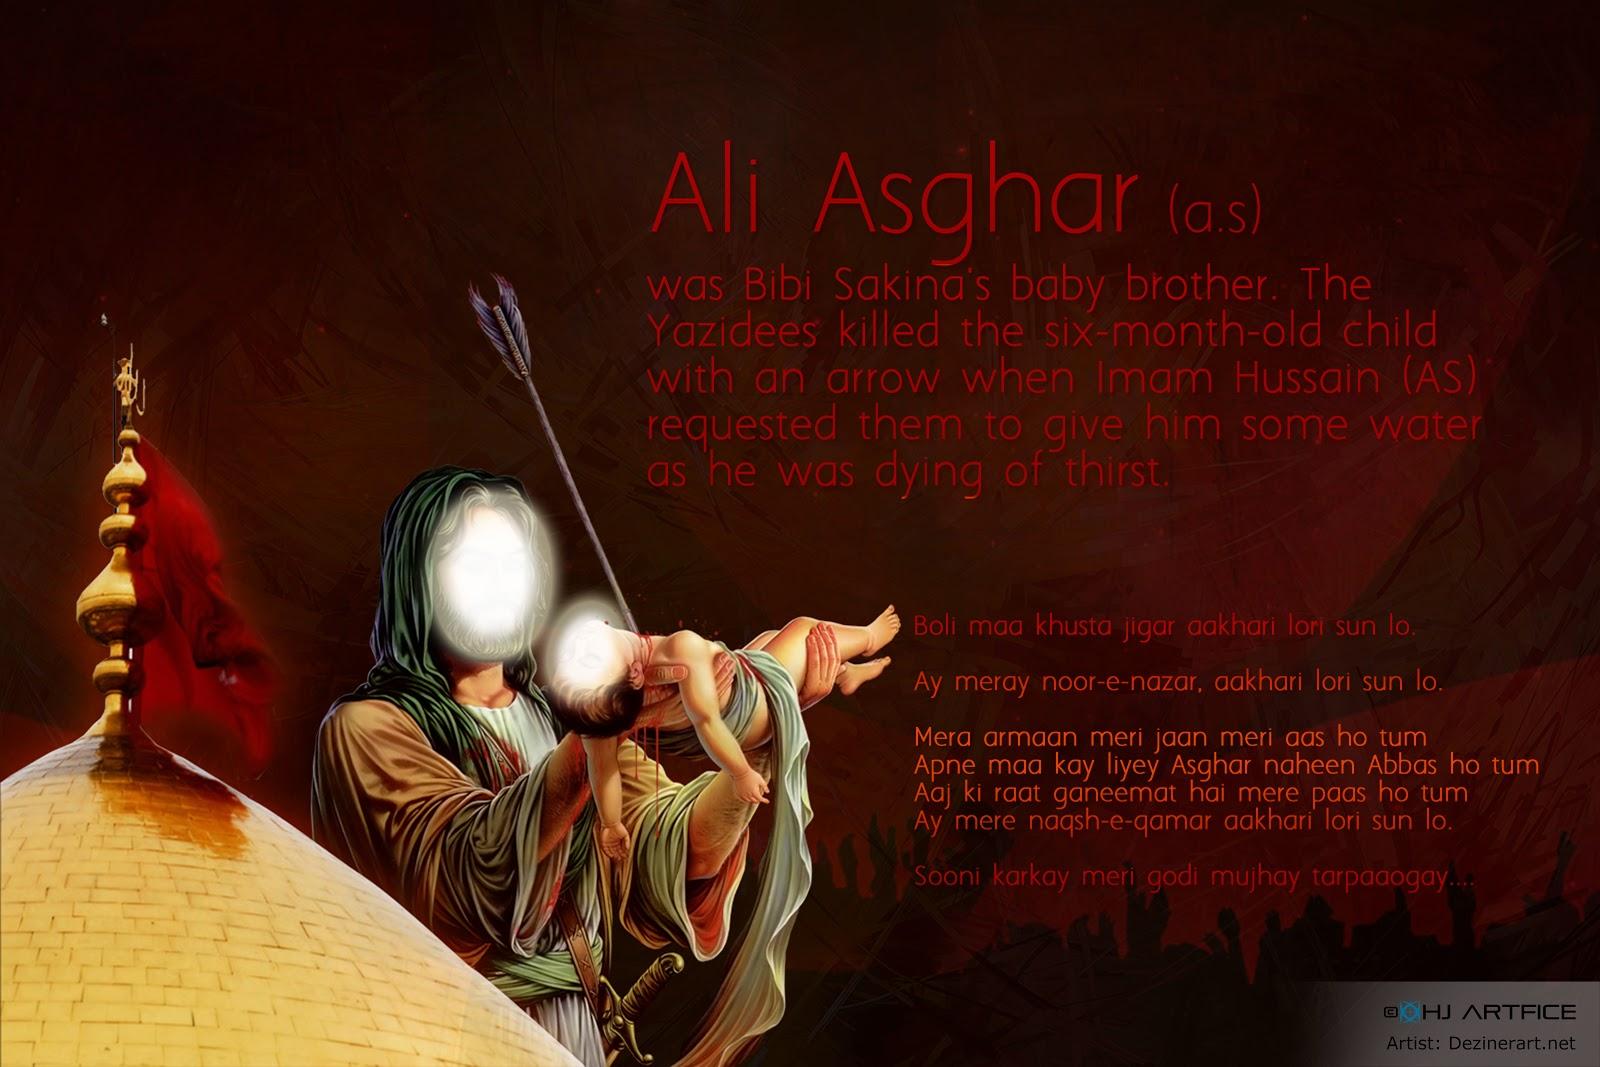 http://1.bp.blogspot.com/-xG6BCmwOhoI/TwWTtzXz05I/AAAAAAAAANM/c9D7feOyq6o/s1600/Ali+Asghar%2528a.s.%2529.jpg